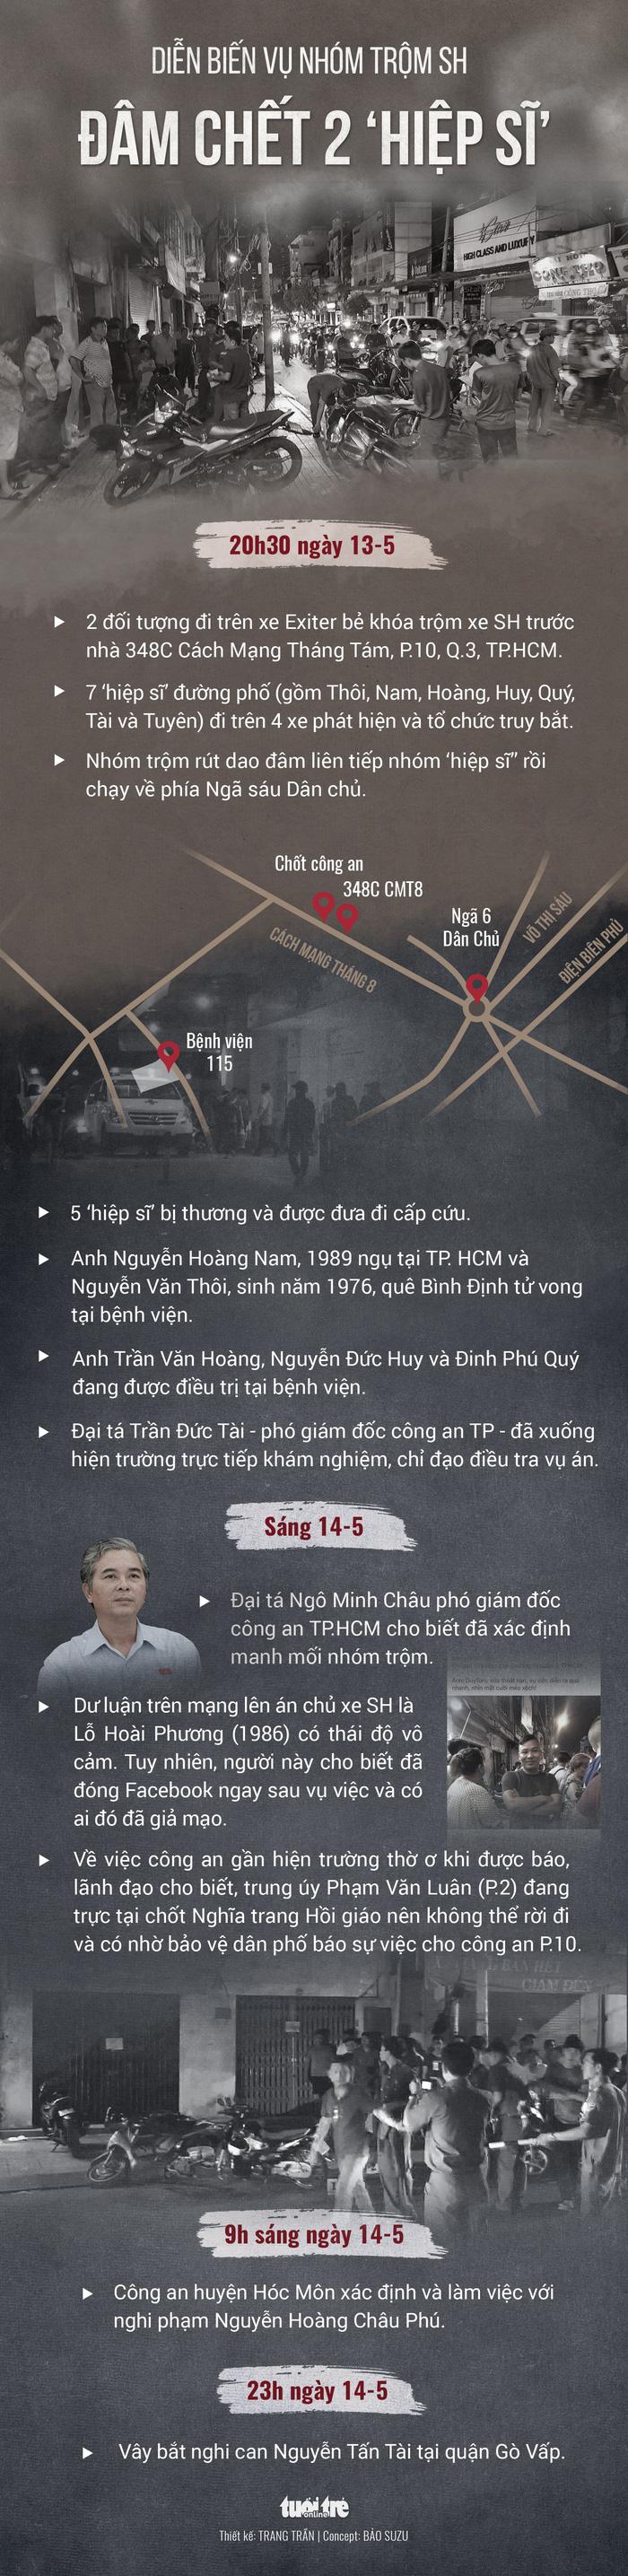 Tướng Phan Anh Minh: Vụ 2 hiệp sĩ là nỗi day dứt của công an TP - Ảnh 2.